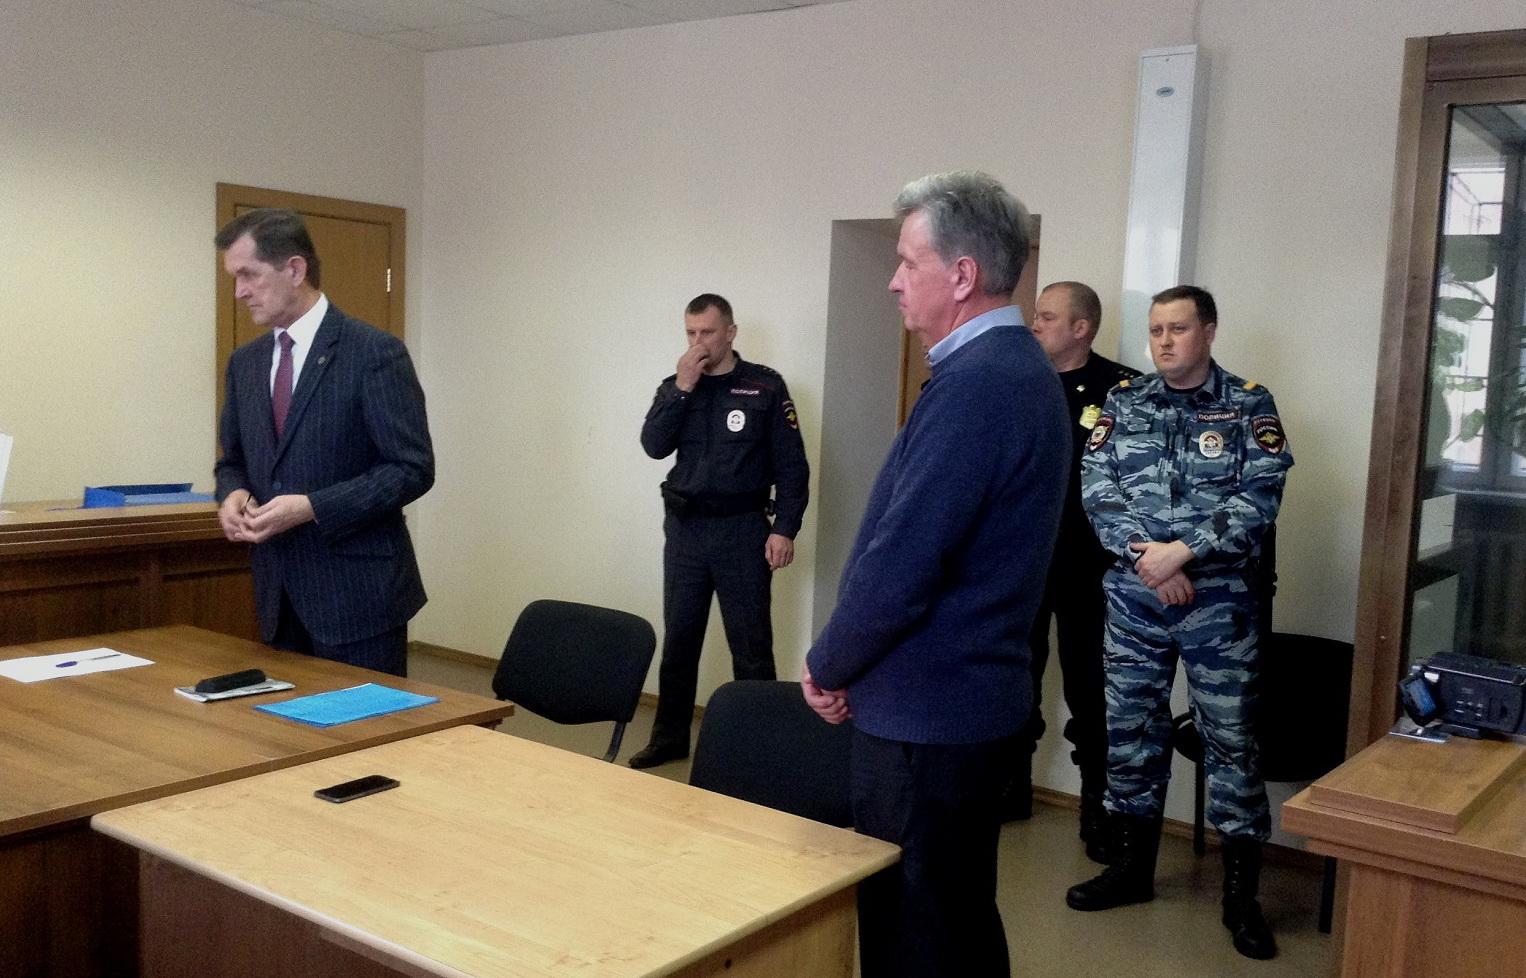 Бывшего замгубернатора Вологодской области приговорили к 3 годам и 10 месяцам колонии